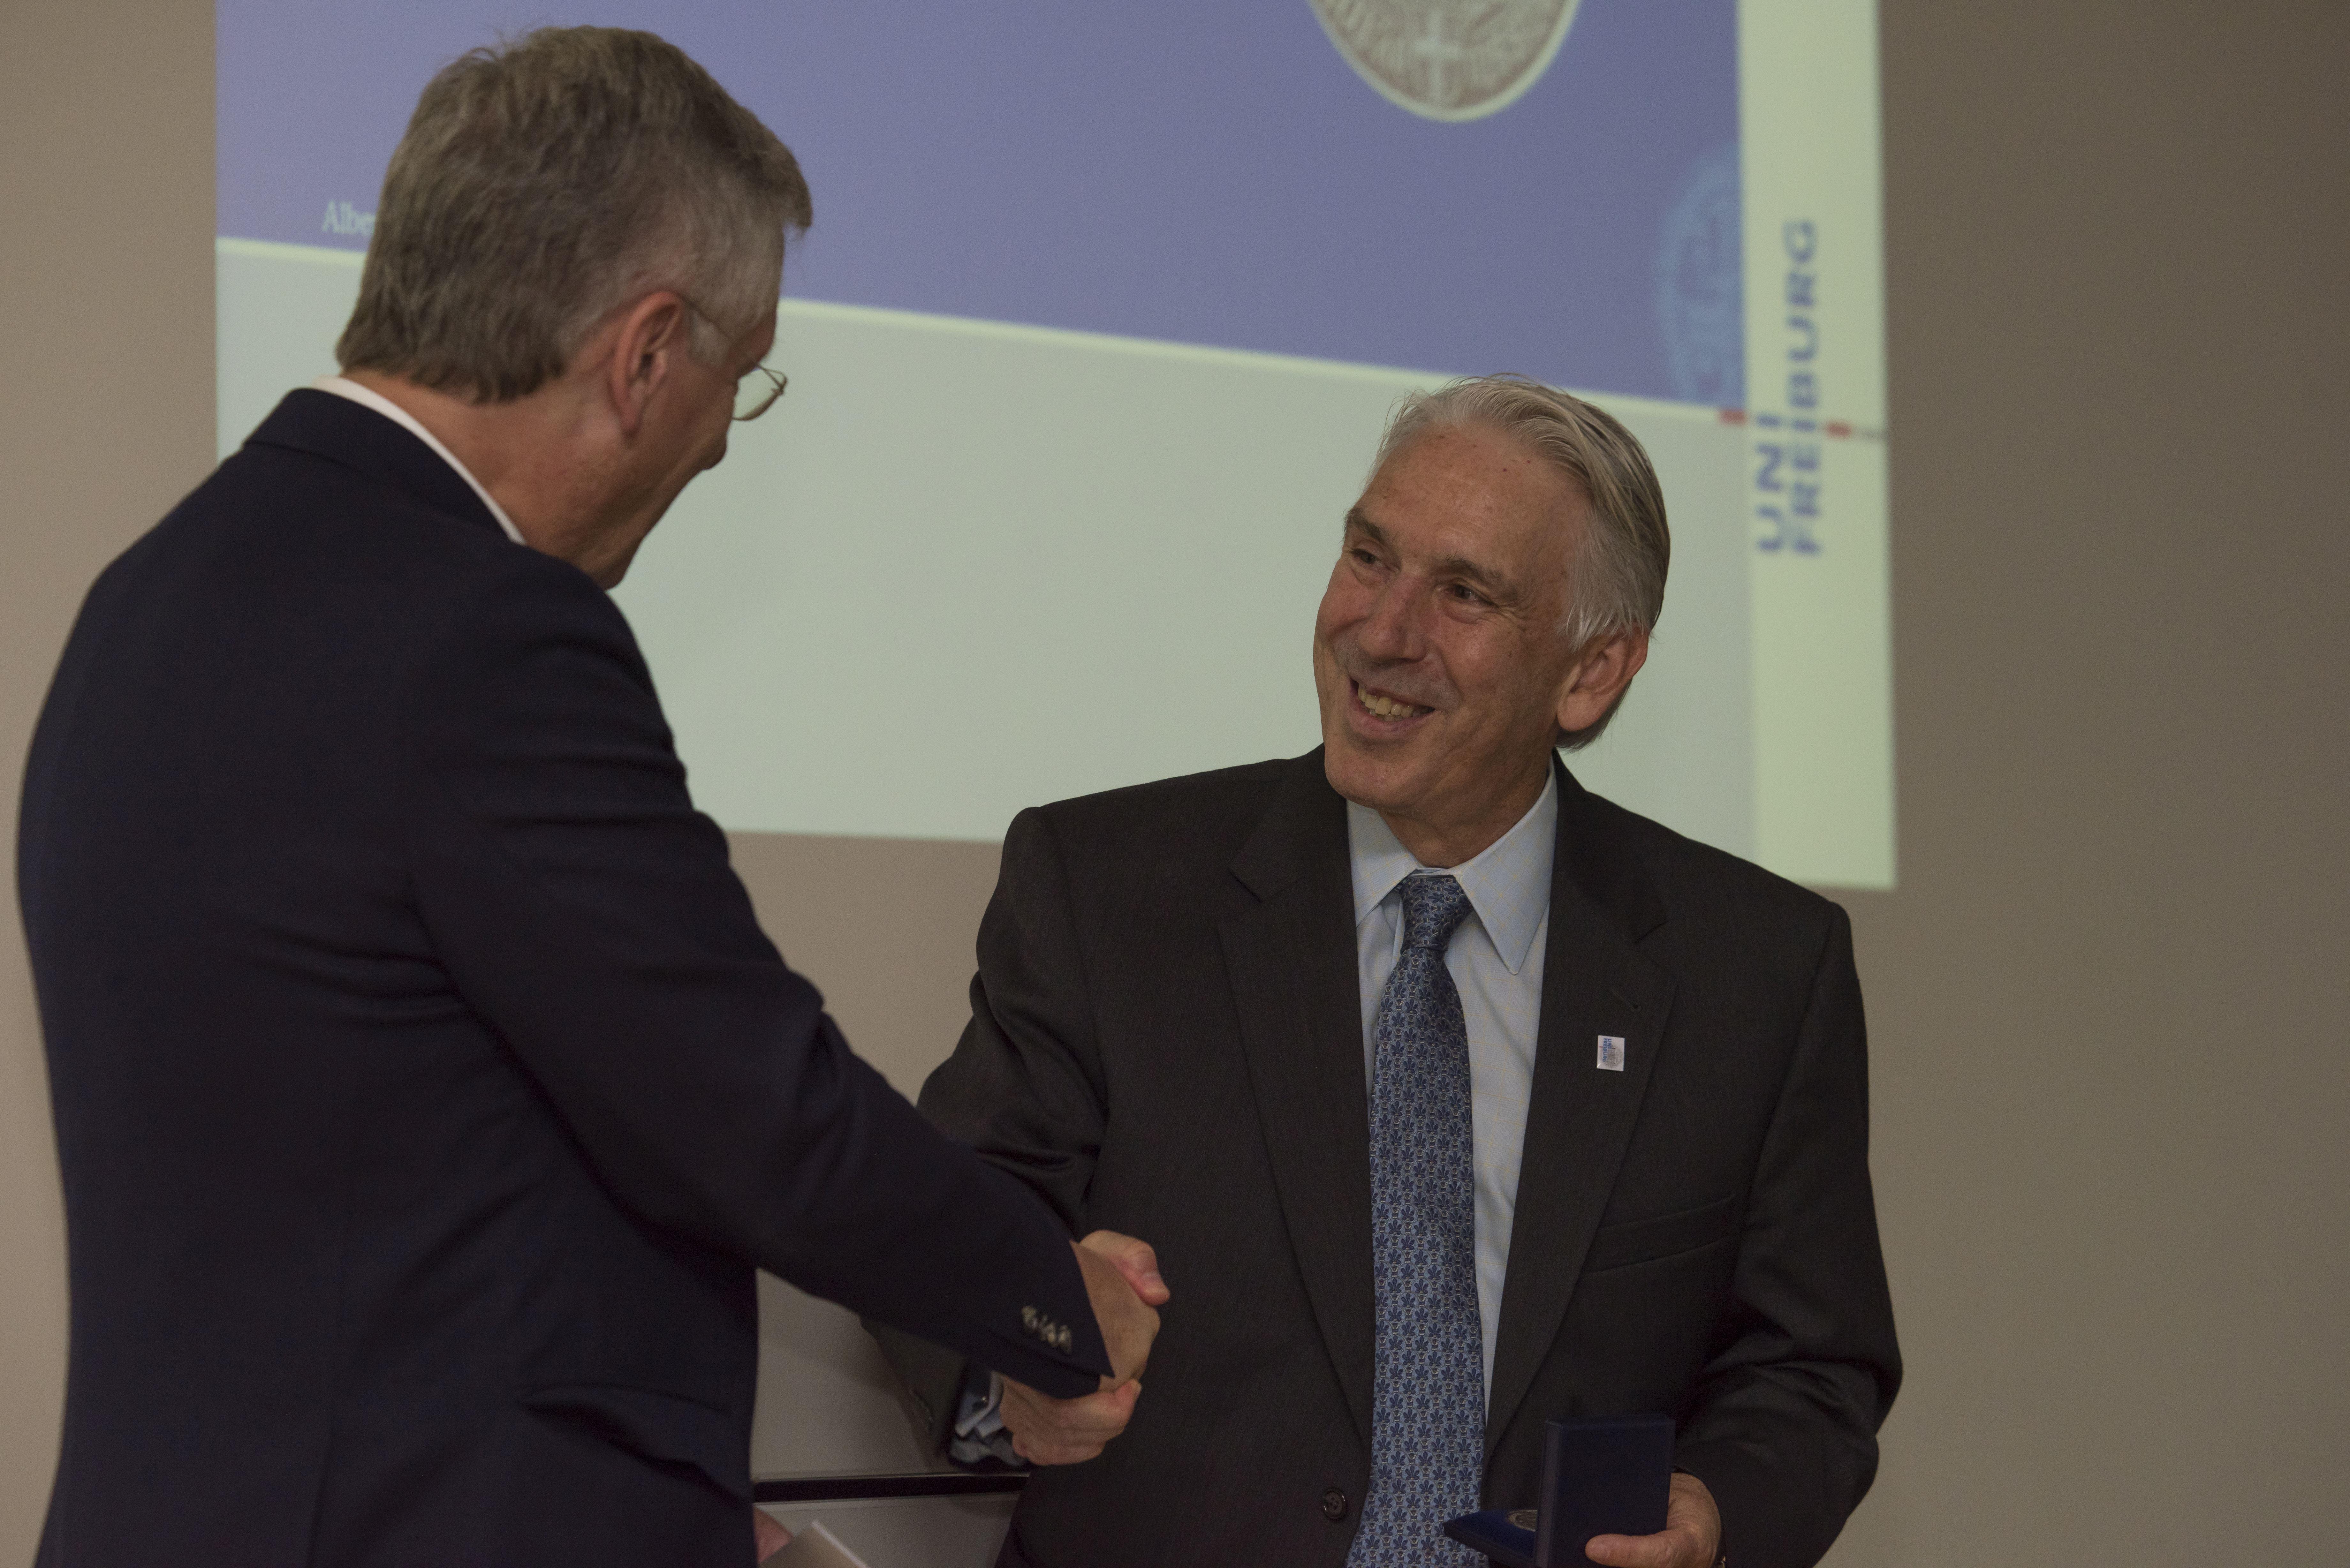 Rektor Schiewer überreicht Jeffrey Himmel die Universitätsmedaille